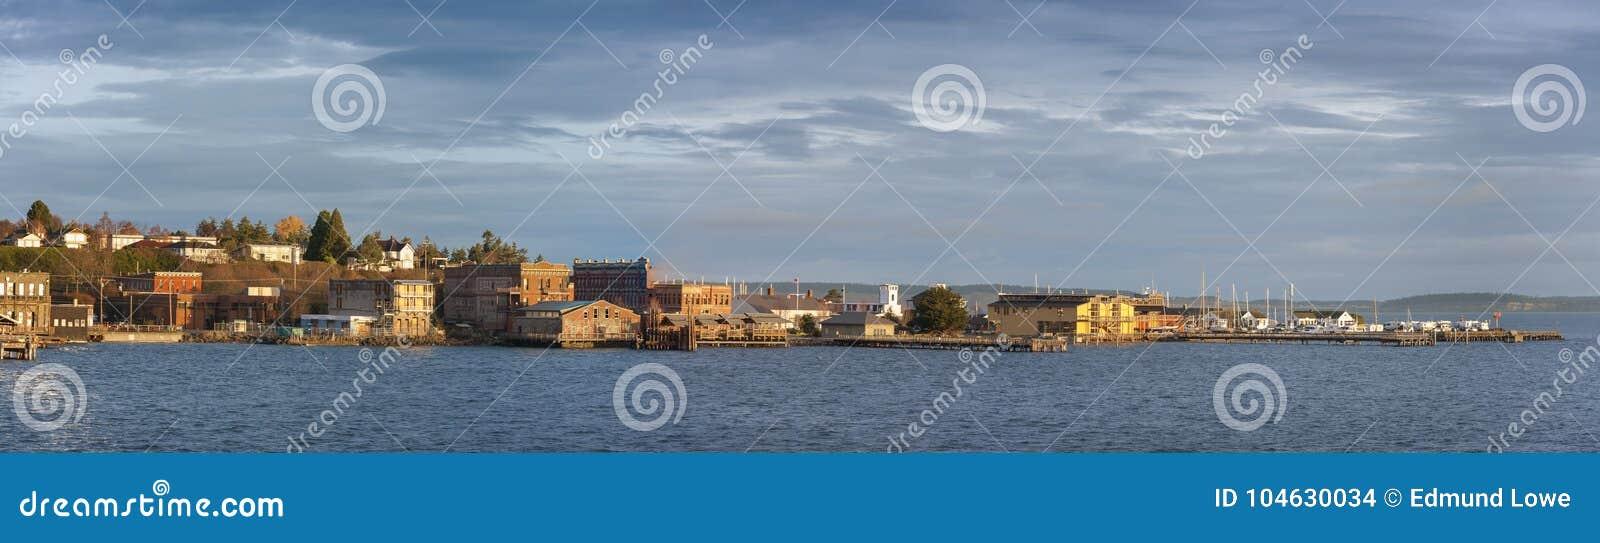 Download Historische Haven Townsend, Washington Waterfront Bij Zonsopgang Redactionele Stock Afbeelding - Afbeelding bestaande uit mooi, strand: 104630034